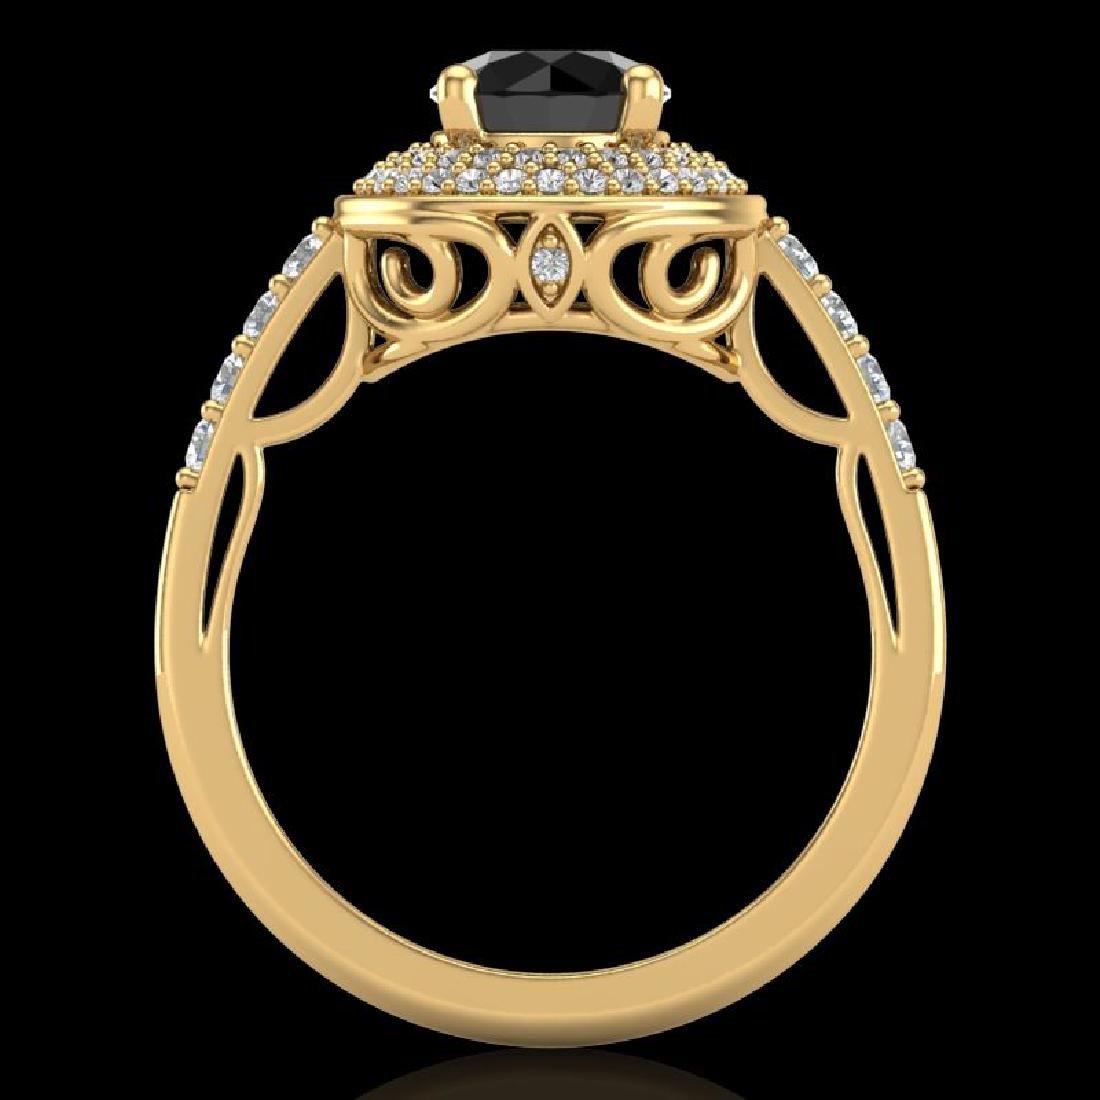 1.7 CTW Fancy Black Diamond Solitaire Engagement Art - 3